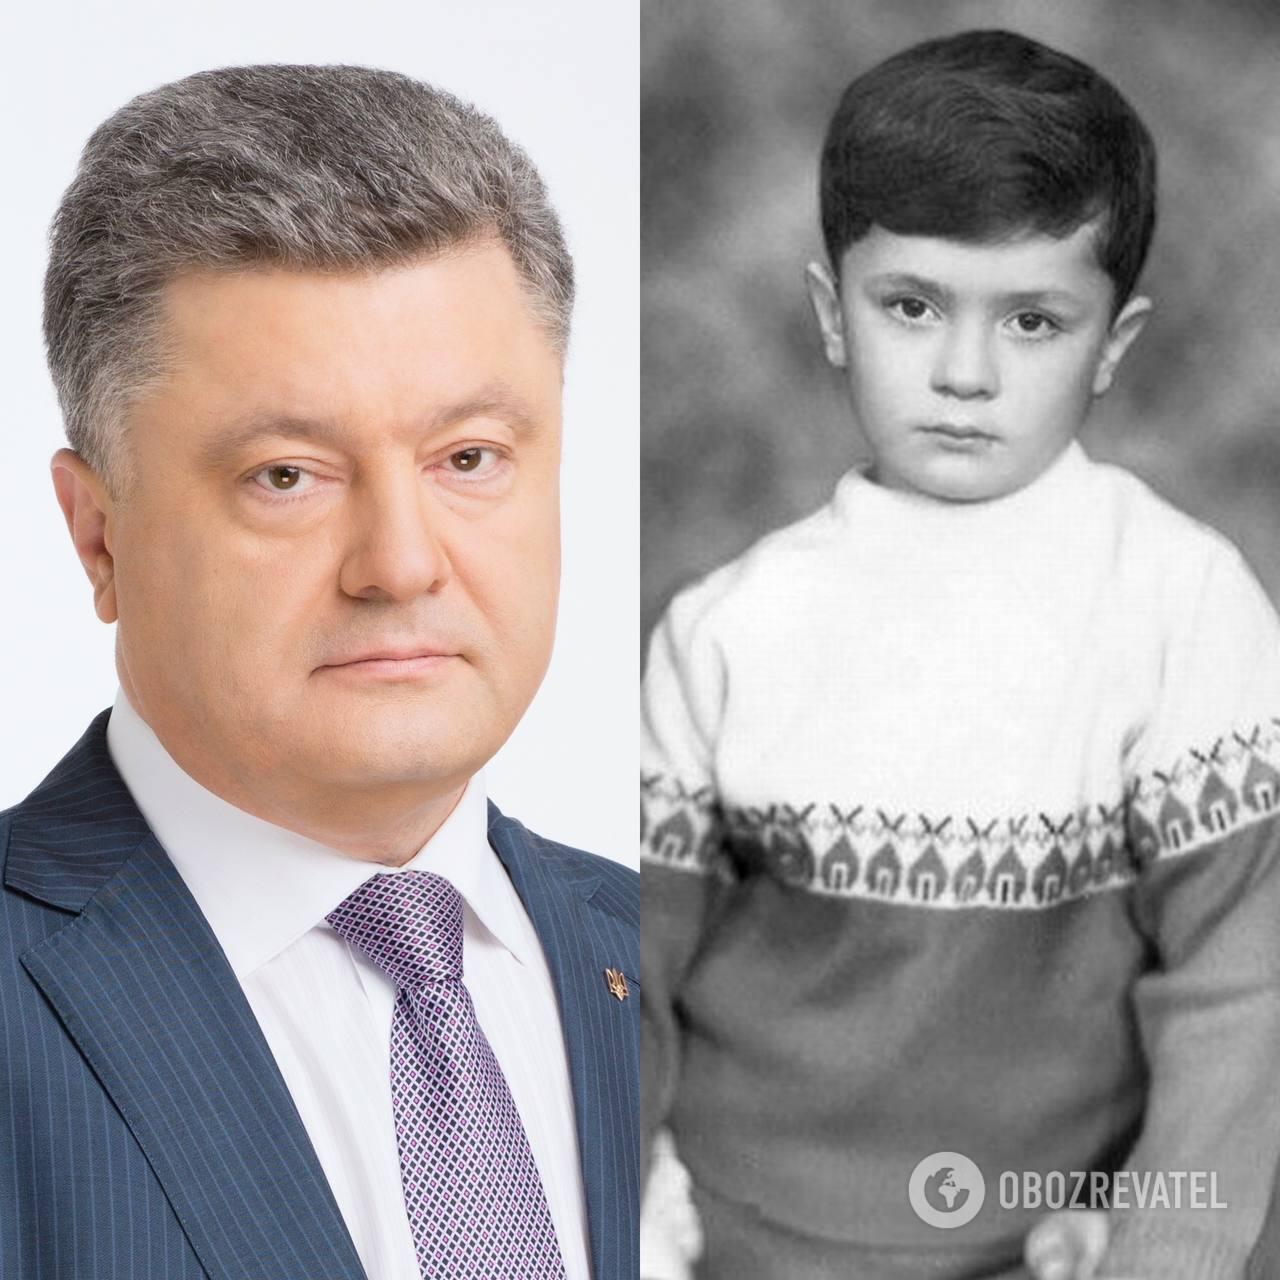 Петр Порошенко: в детстве и сейчас.